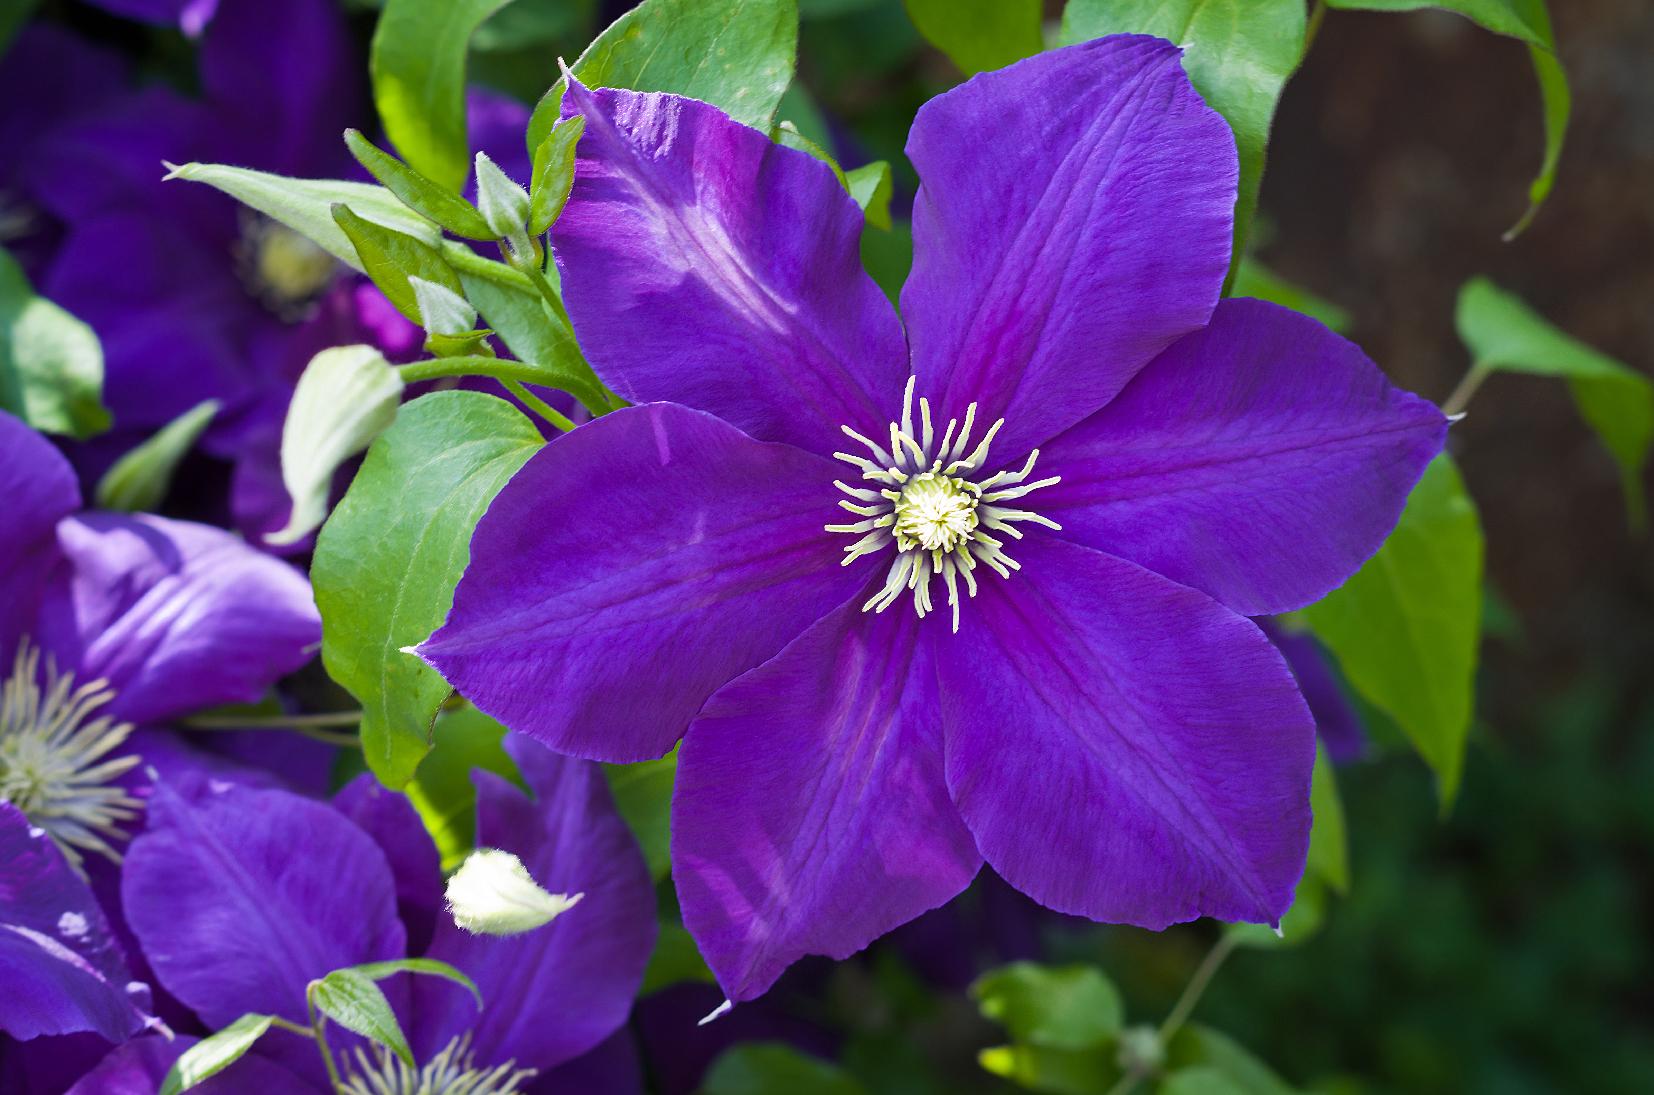 Fiori Da Balcone Ombra 6 fiori da balcone all'ombra e al sole - cifo